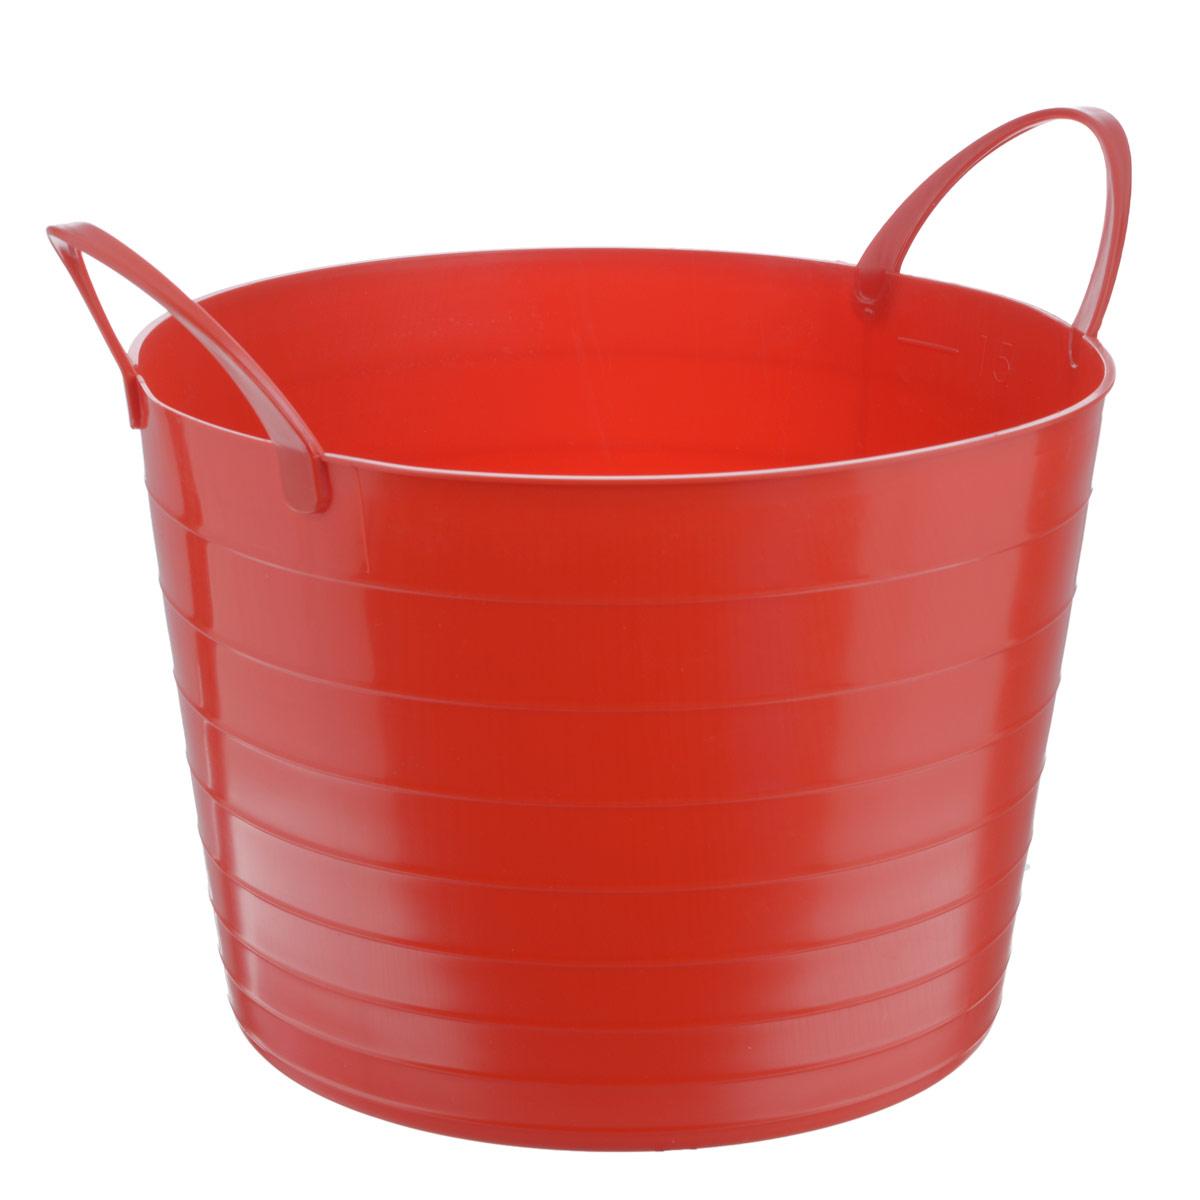 Корзина мягкая Idea, цвет: красный, 17 лМ 2880Мягкая корзина Idea изготовлена из гибкого полиэтилена и оснащена двумя удобными ручками. Внутренняя поверхность имеет отметки литража. Такой корзинке можно найти множество применений в быту: для строительства, для сбора фруктов, овощей и грибов, для хранения бытовых предметов и многого другого. Такая корзина пригодится в любом хозяйстве. Размер (без учета ручек): 33,5 х 33,5 х 24 см.